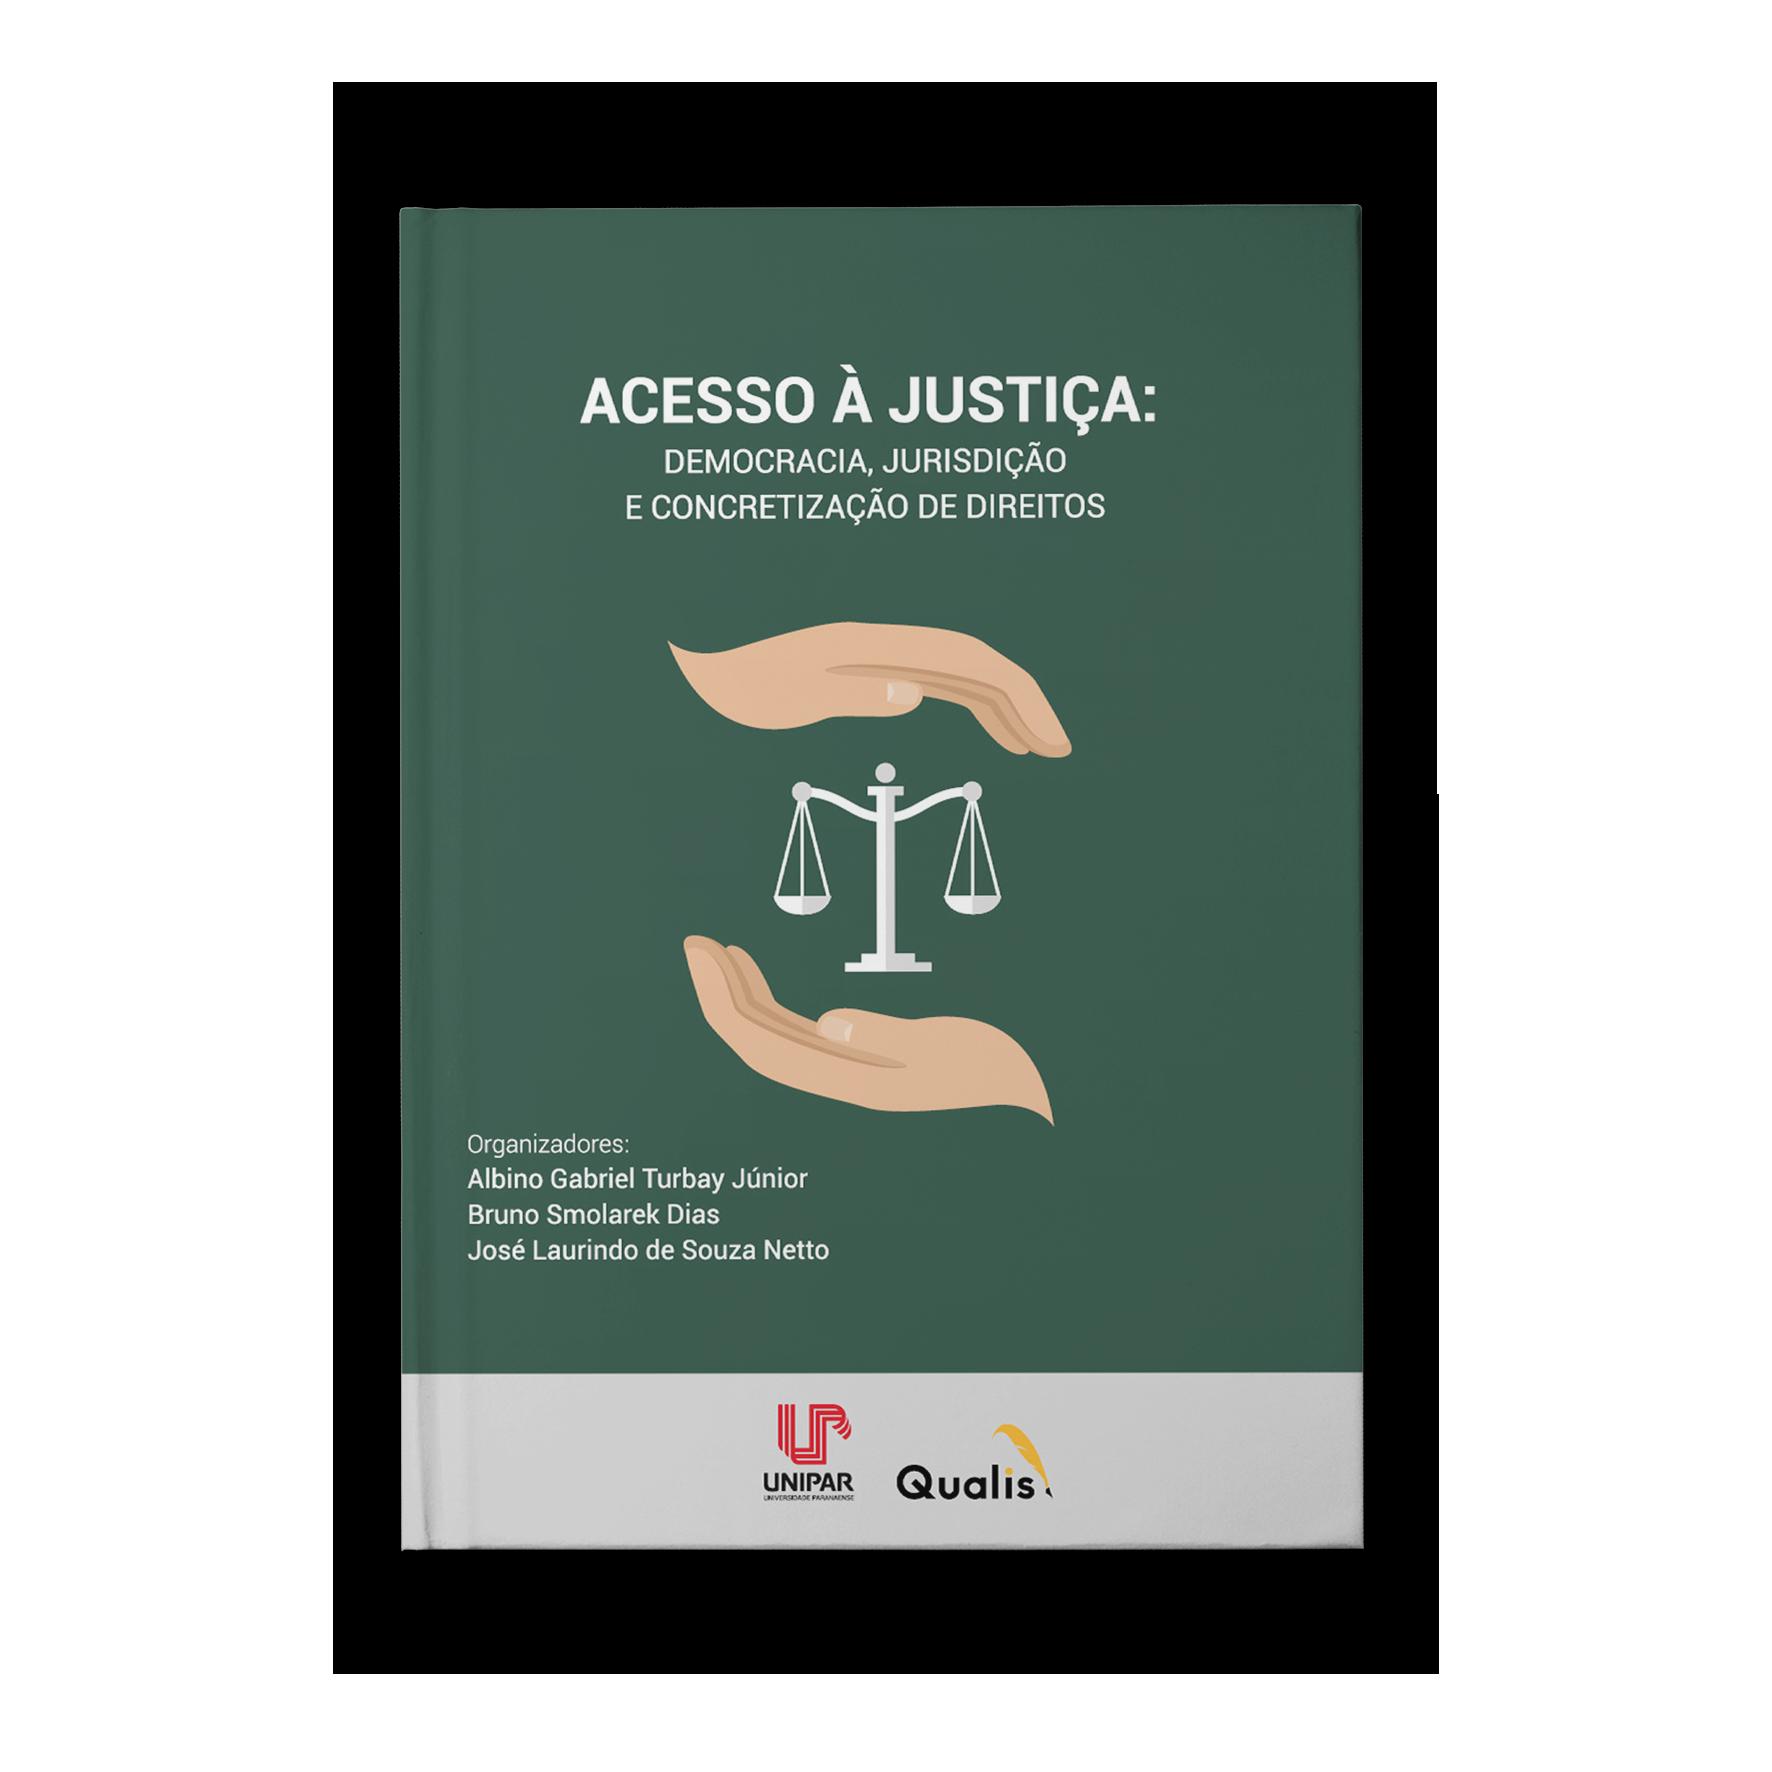 Acesso à justiça – Democracia, jurisdição e concretização de direitos – Albino Gabriel Turbay Júnior,Bruno Smolarek Dias,José Laurindo de Souza Netto